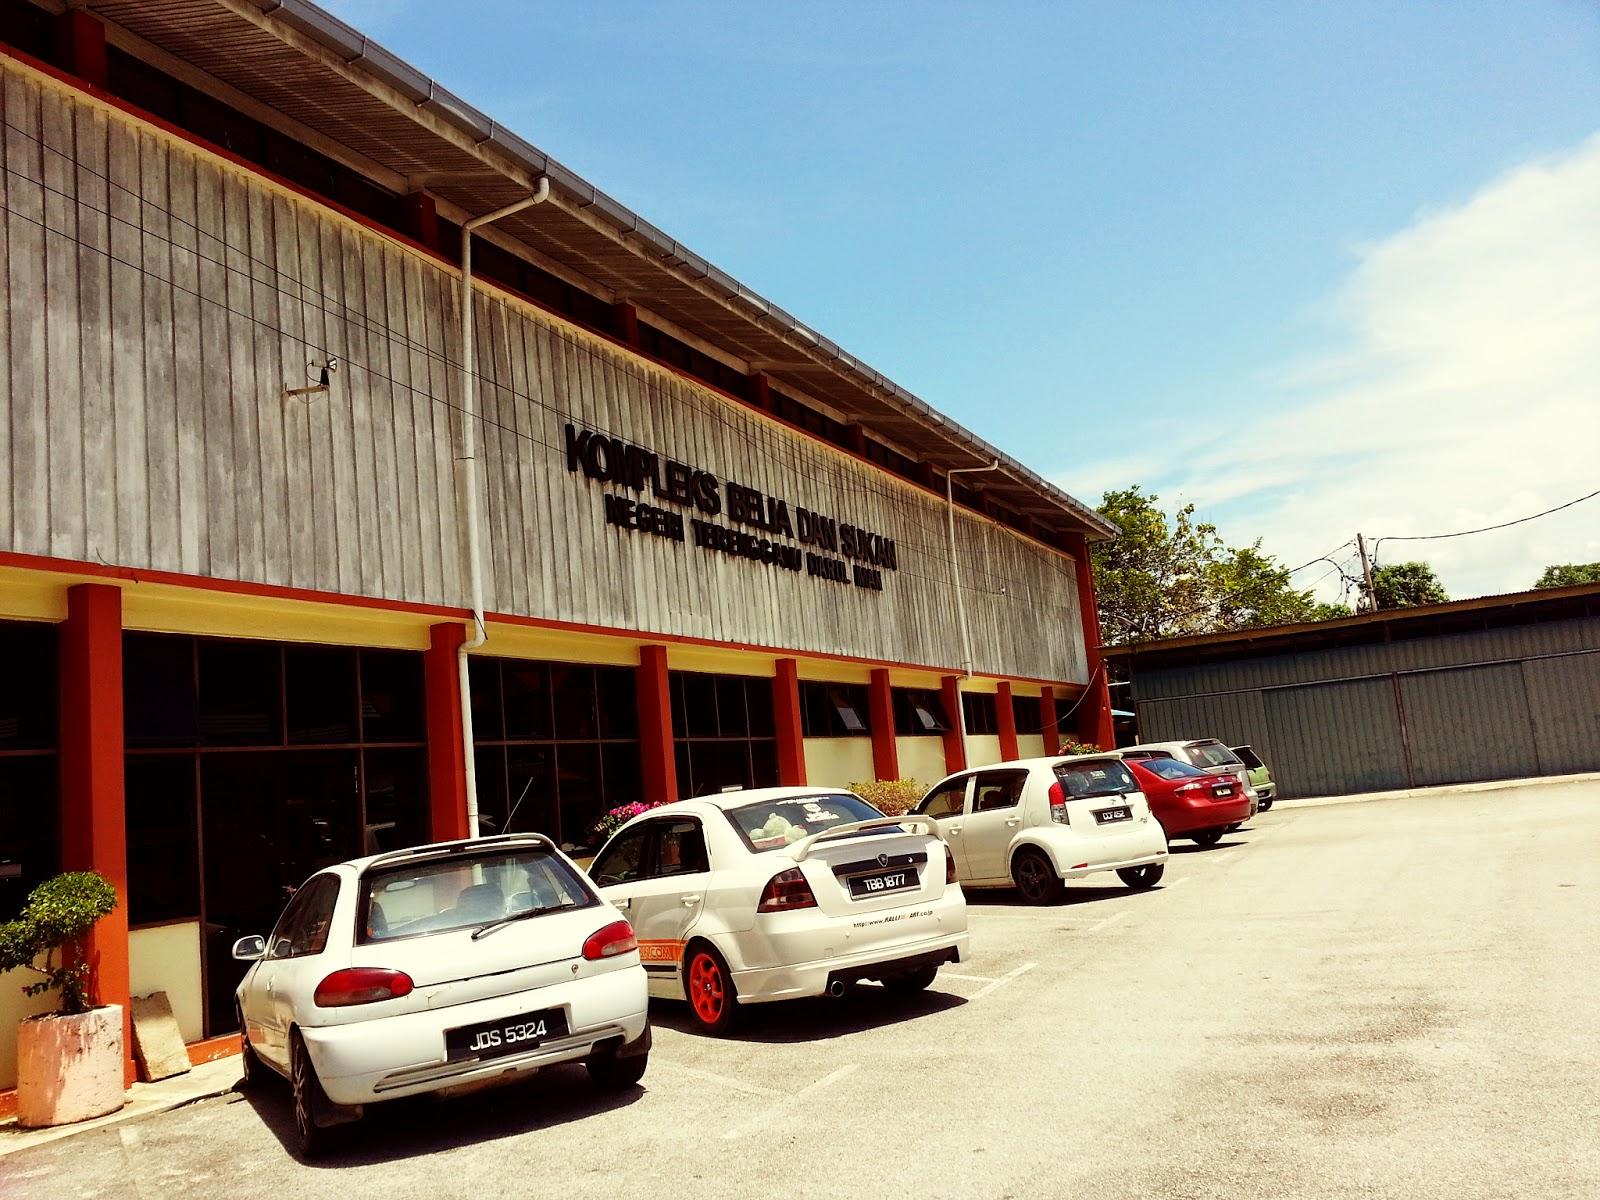 Belia Kuala Terengganu Belia Dan Sukan Terengganu